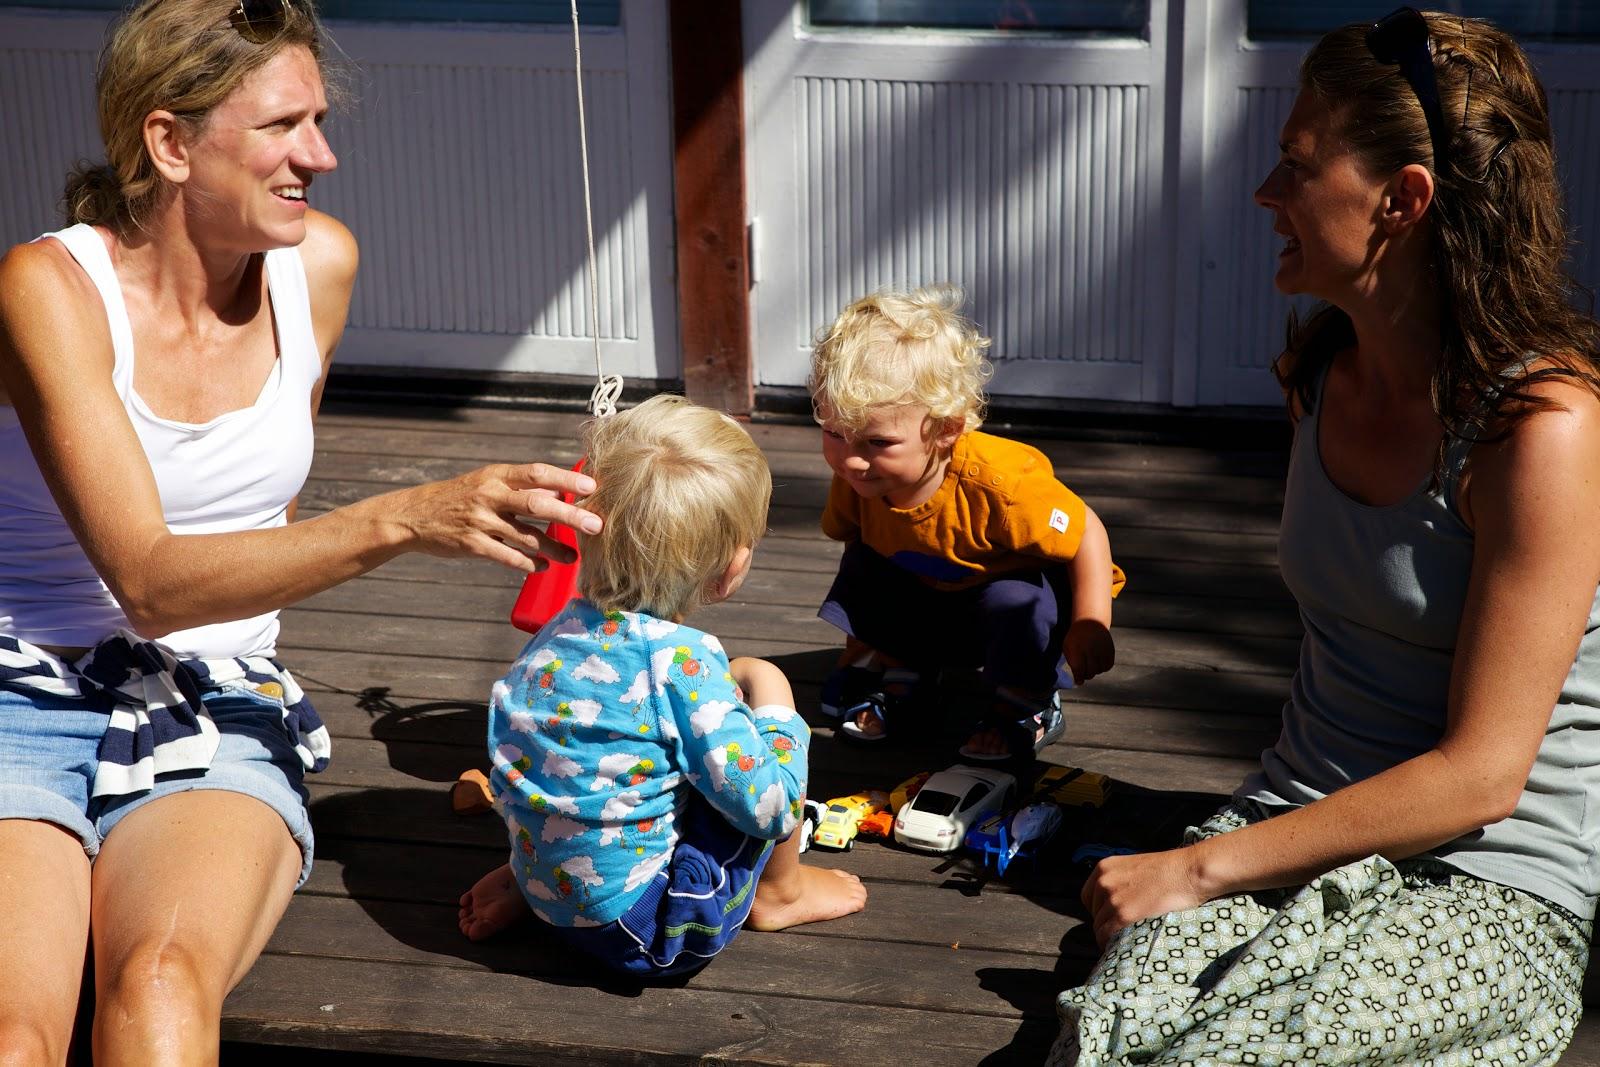 Lotta Löfwall sitter och pratar med Alice på Sandhamn medan barnen leker